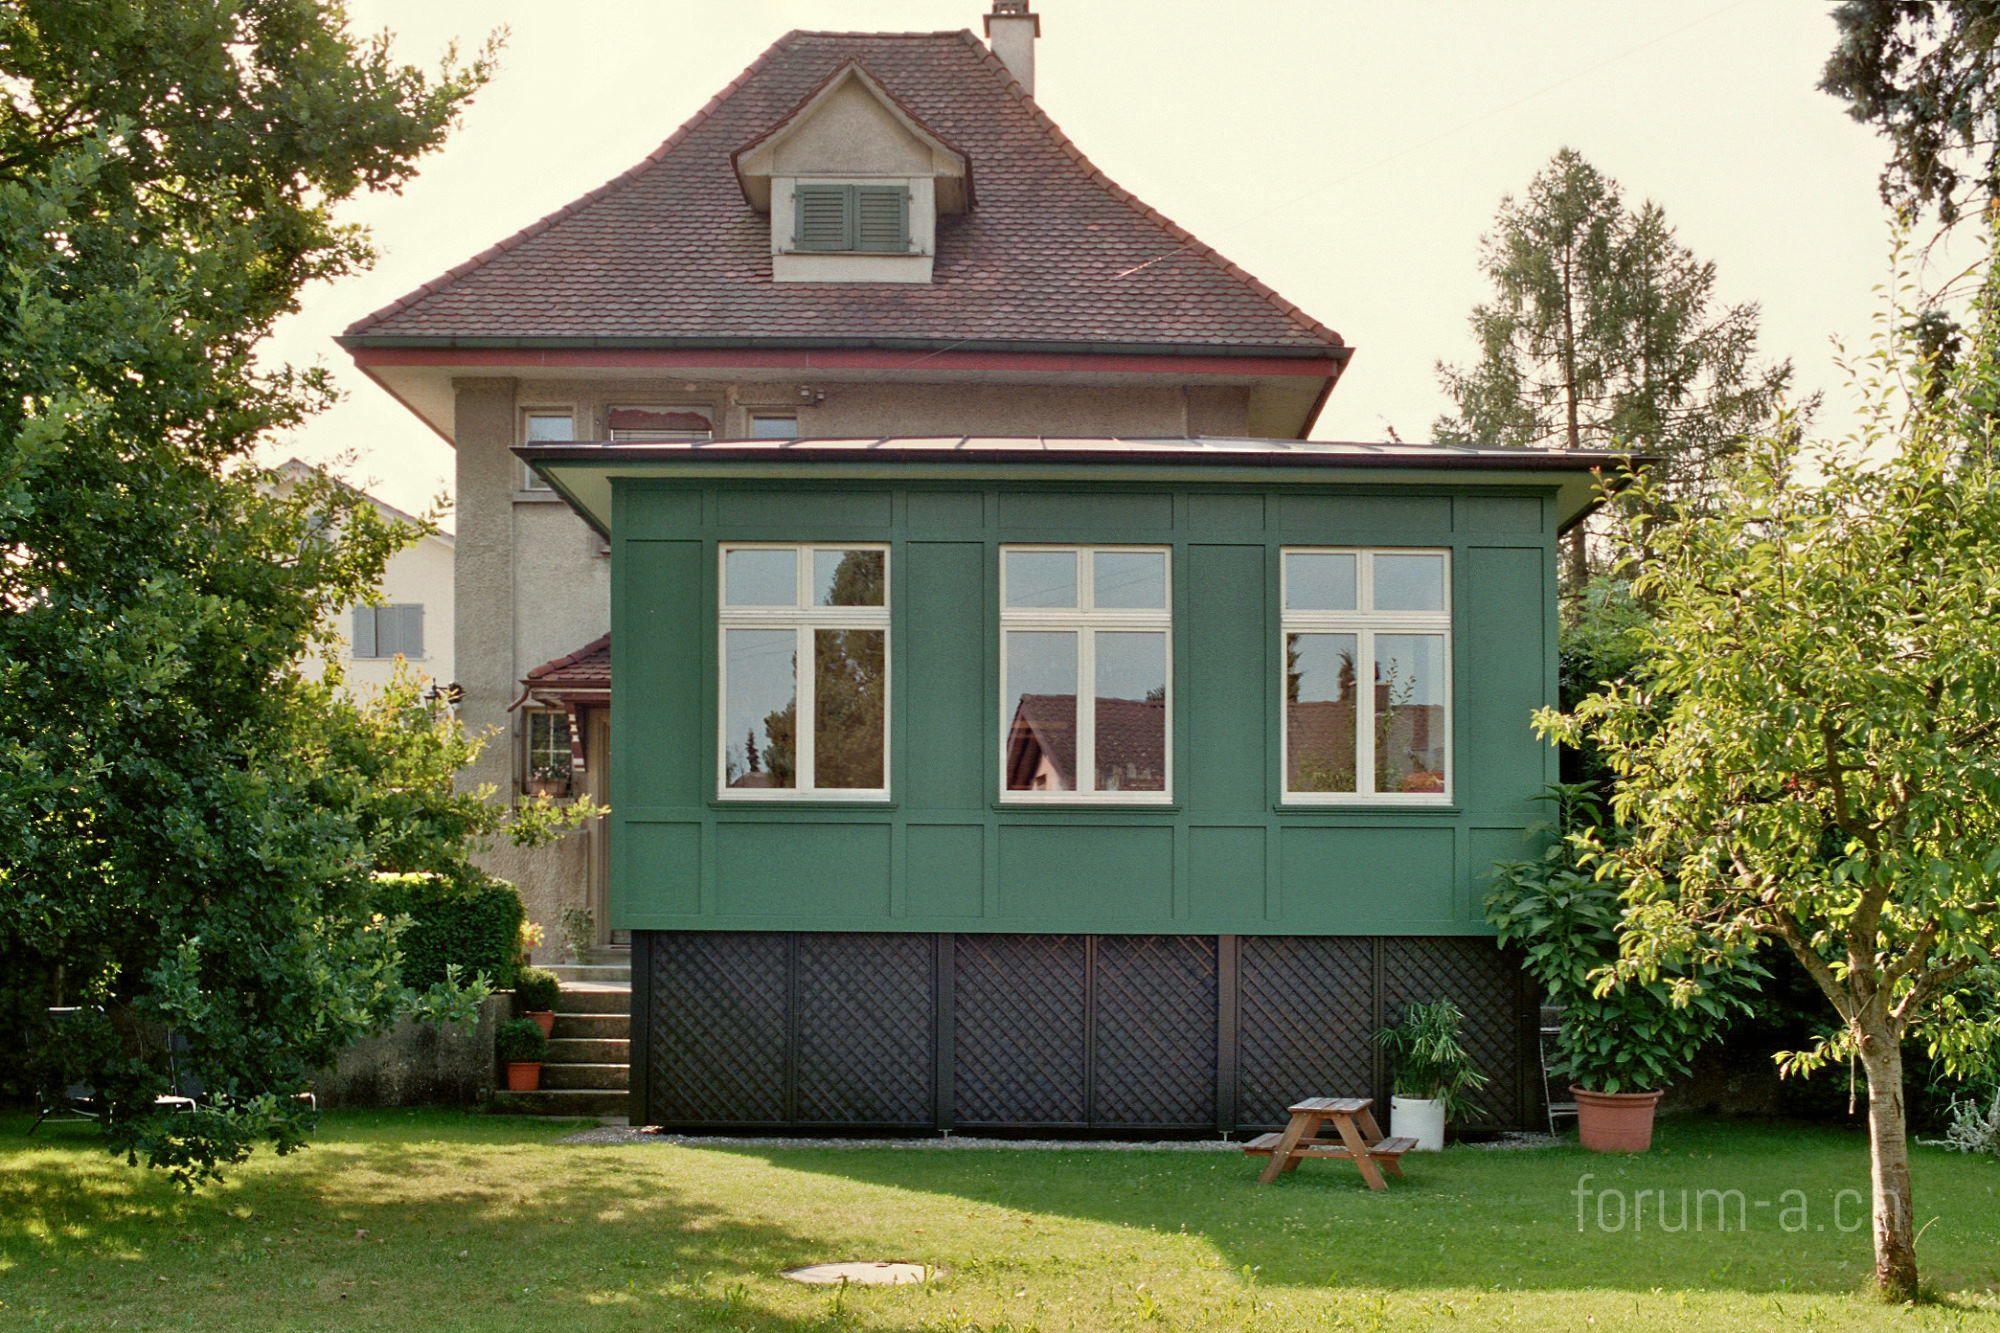 an und umbau einfamilienhaus in herzogenbuchsee forum a architektur baurealisierung. Black Bedroom Furniture Sets. Home Design Ideas